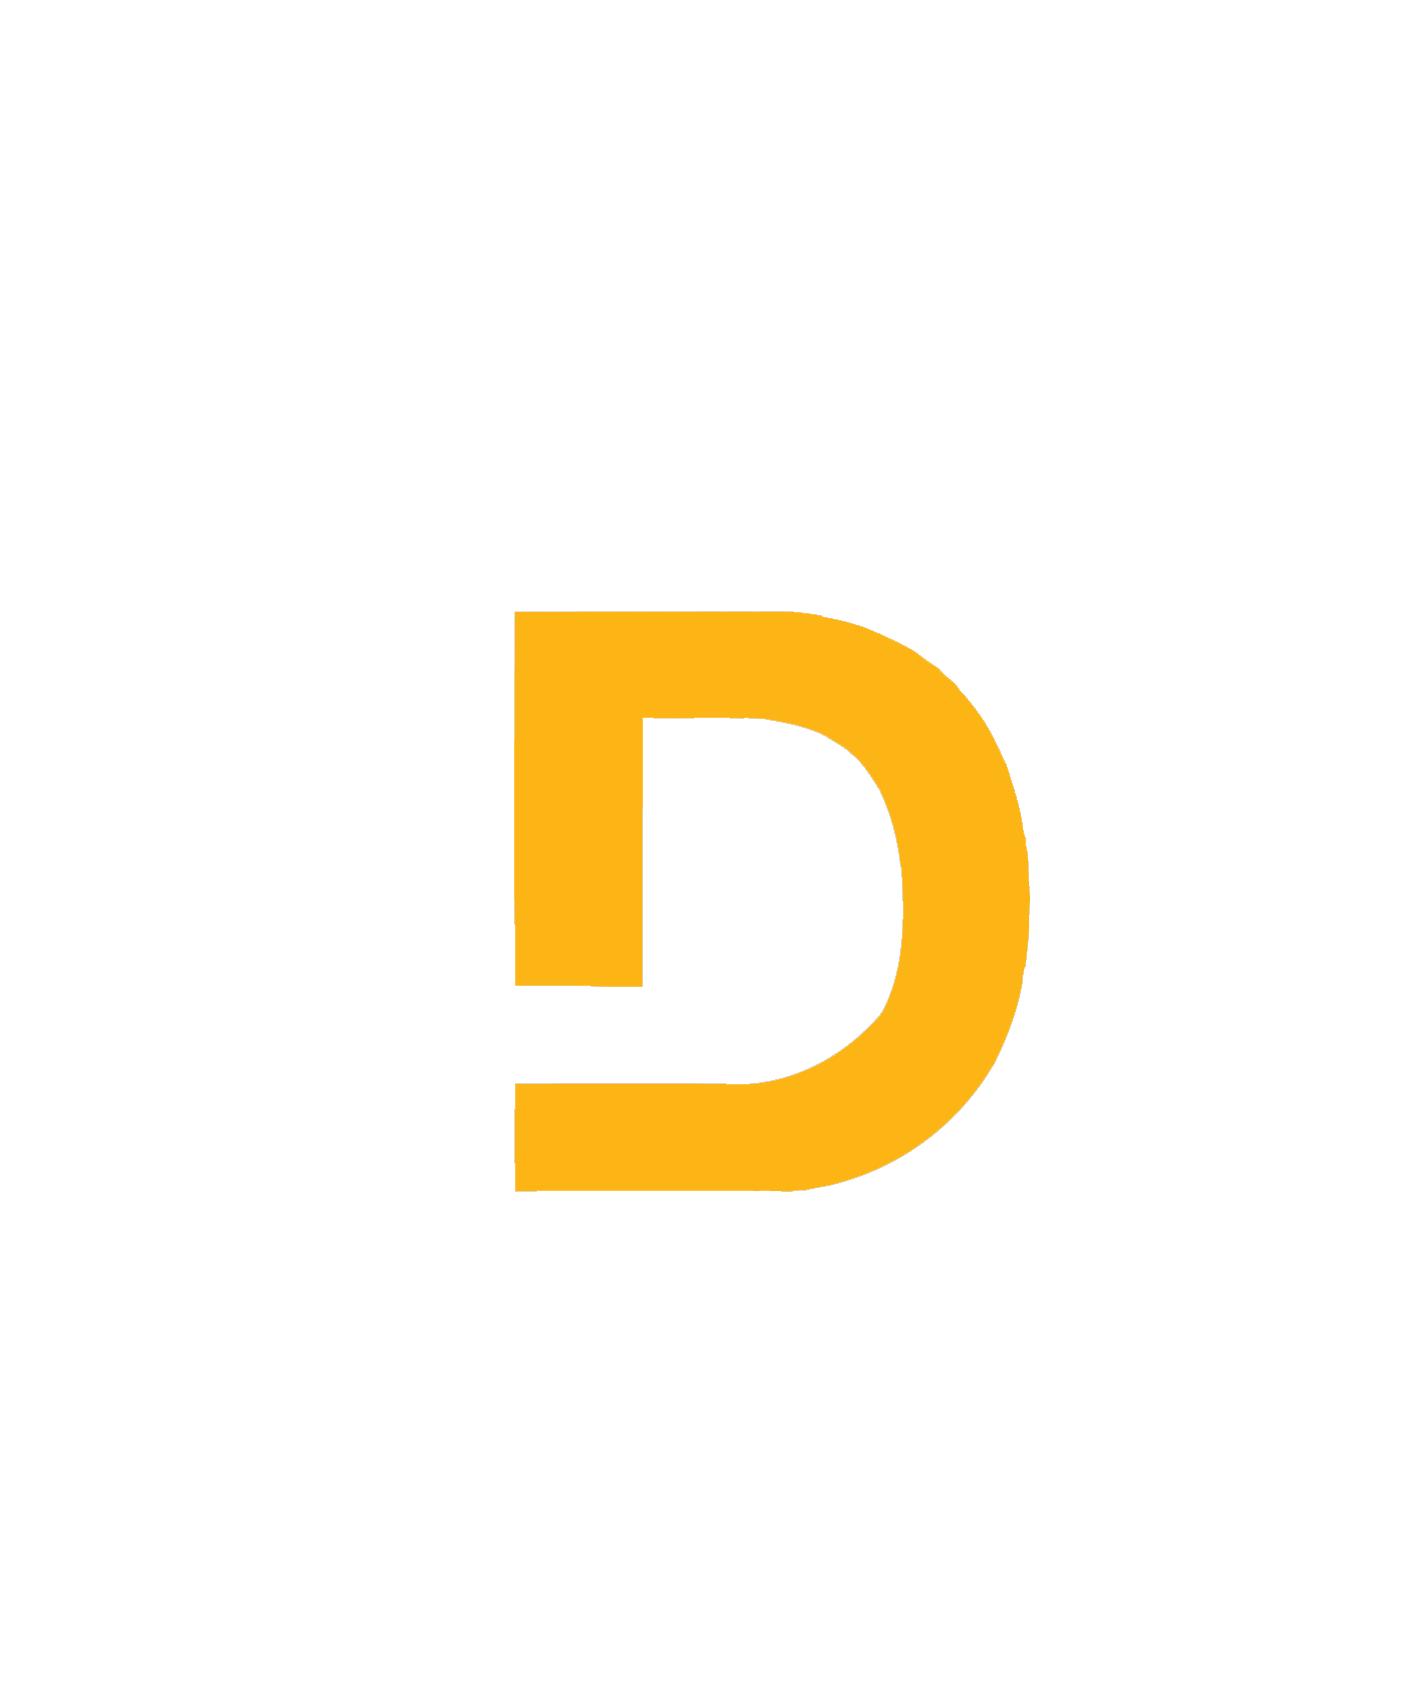 Dmedia | Cả Thế Giới Sẽ Biết Đến Bạn